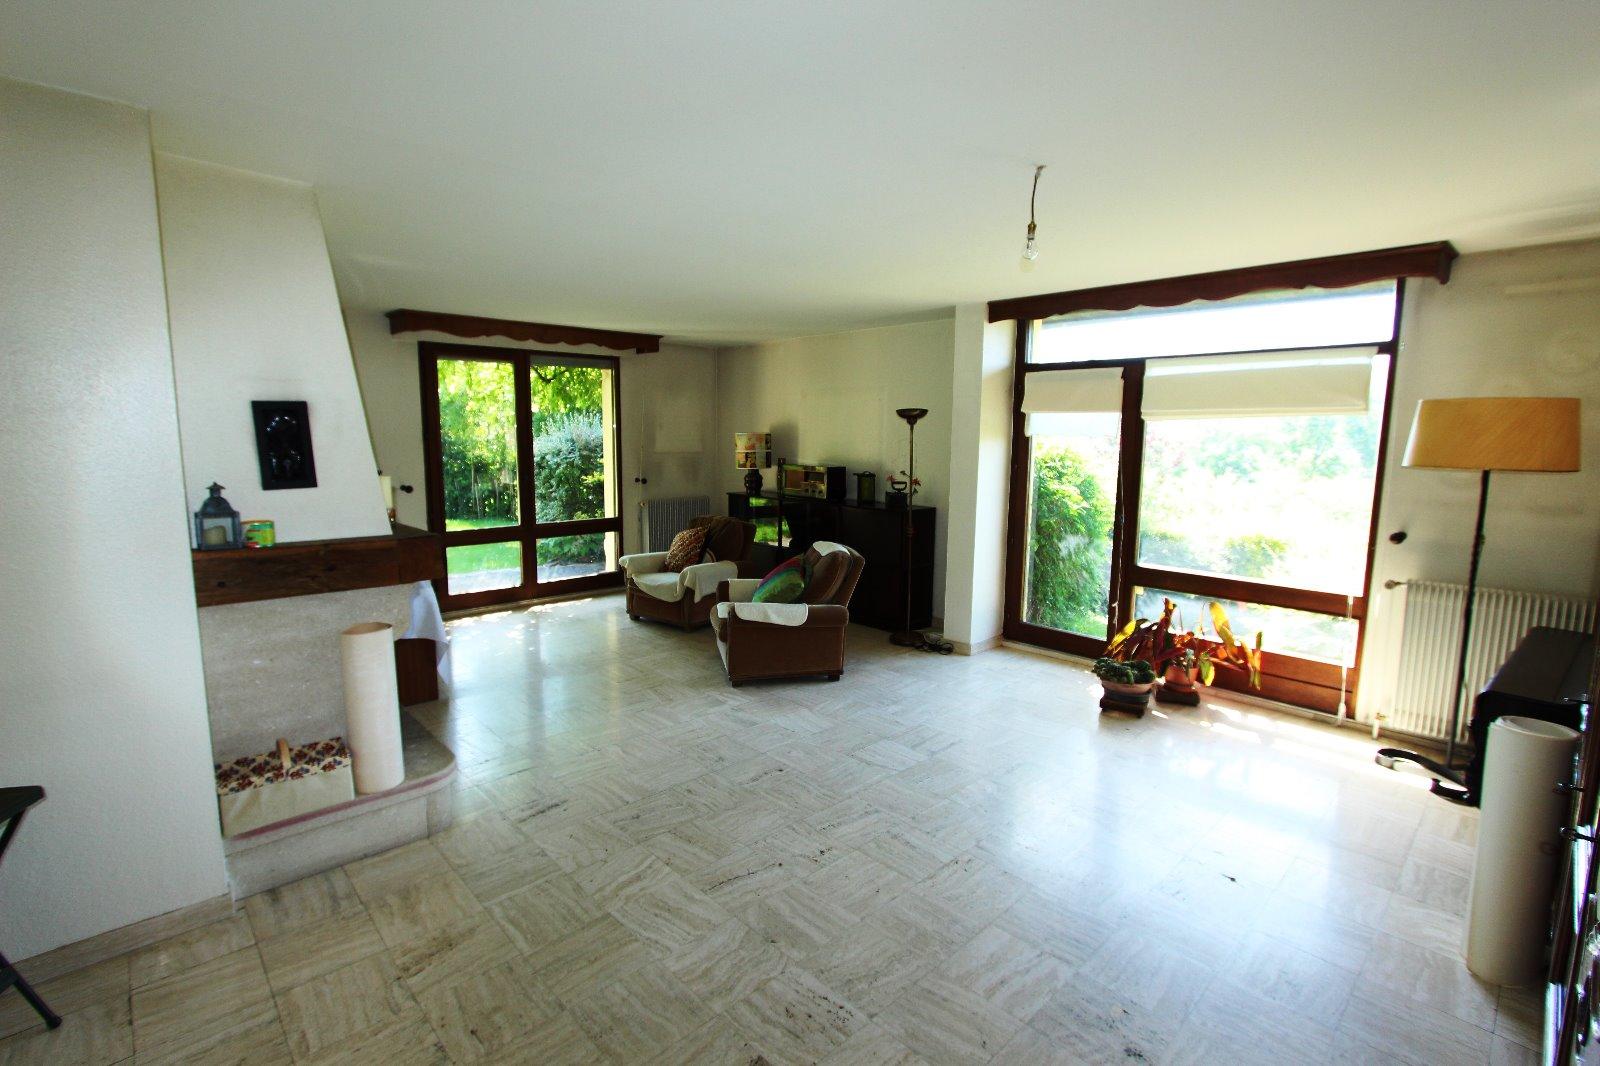 Lons le saunier 39 jura vendre maison de plain pied 4 chambres terrain de 1050 m 3d - Plain pied 4 chambres ...